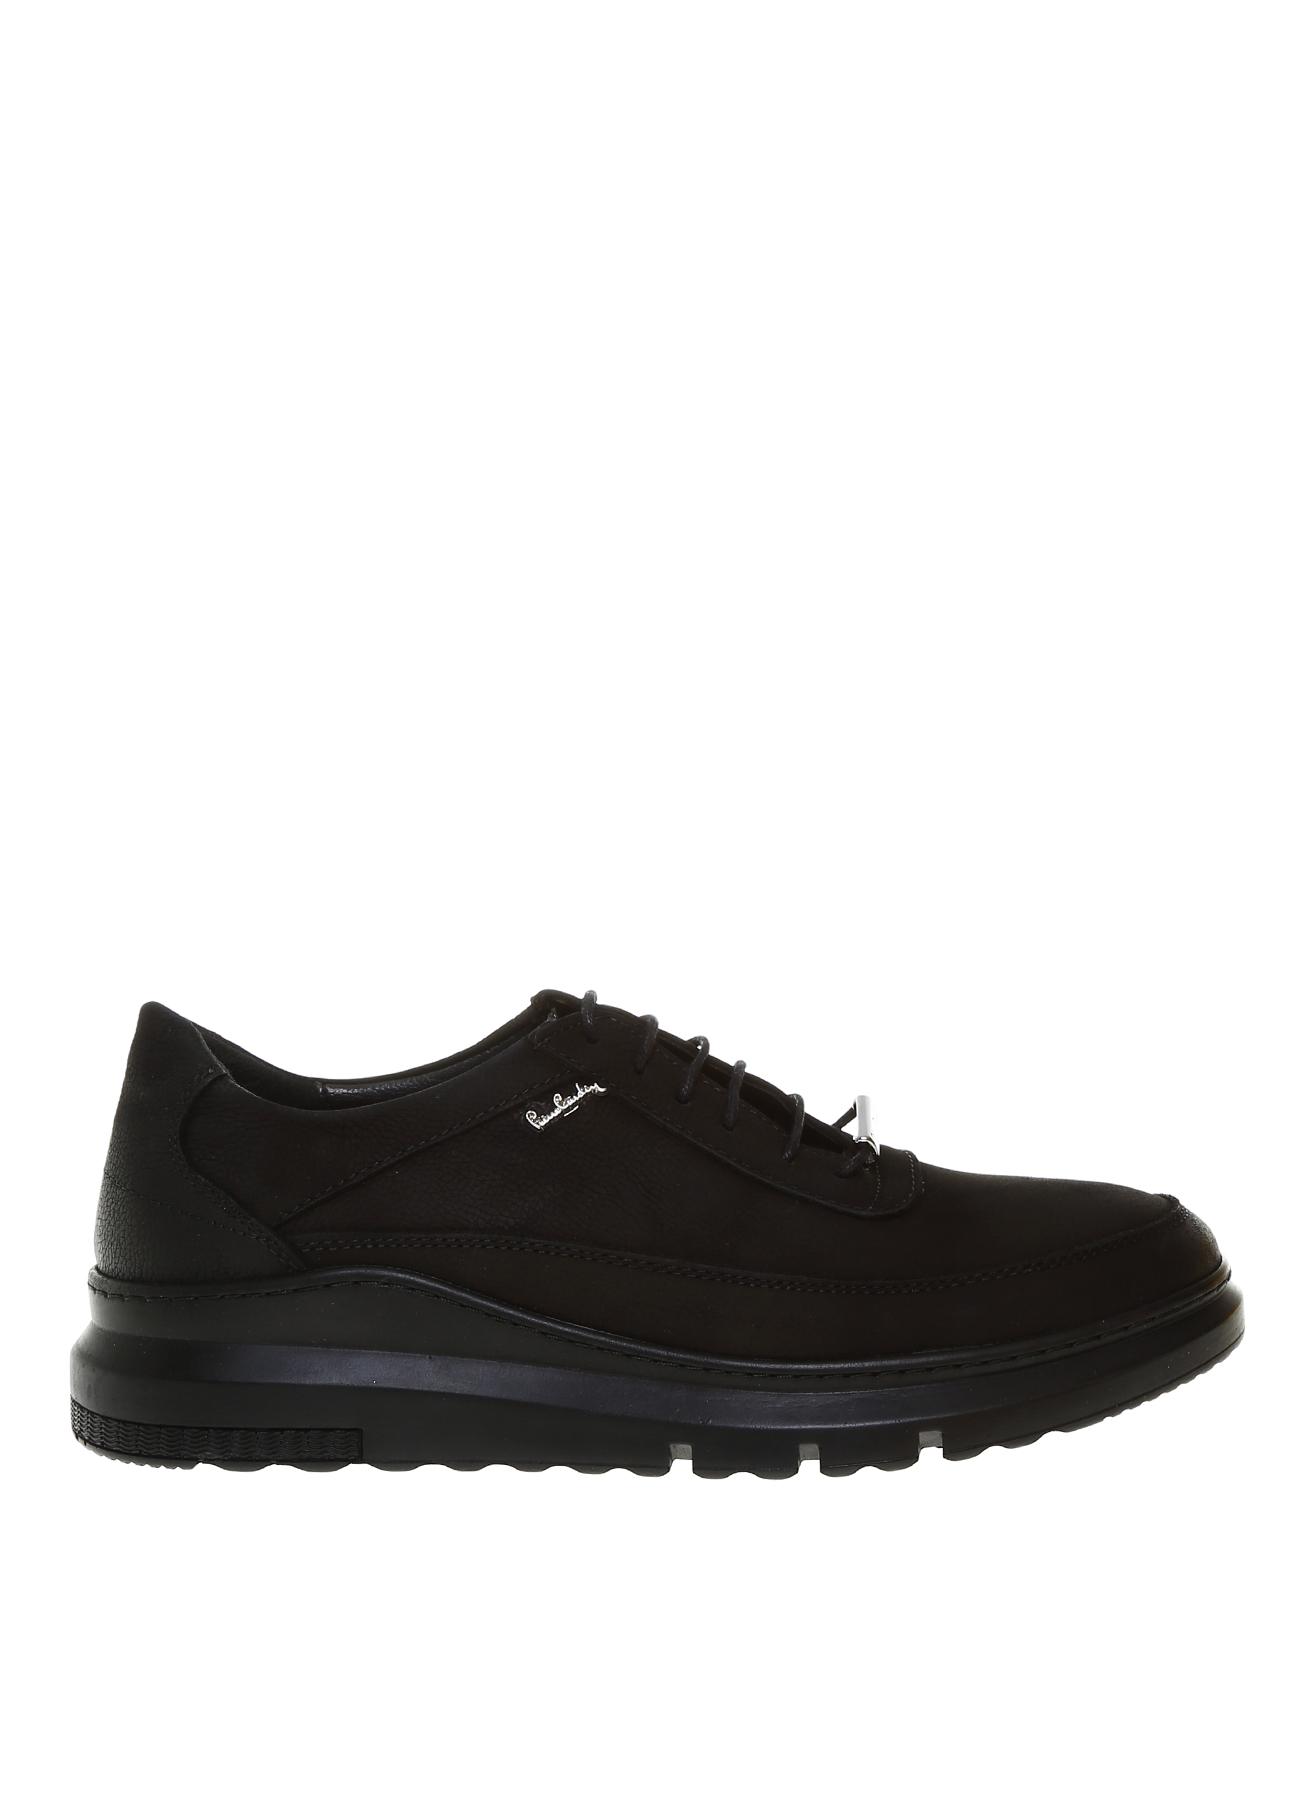 Pierre Cardin Klasik Ayakkabı 44 5001921669005 Ürün Resmi